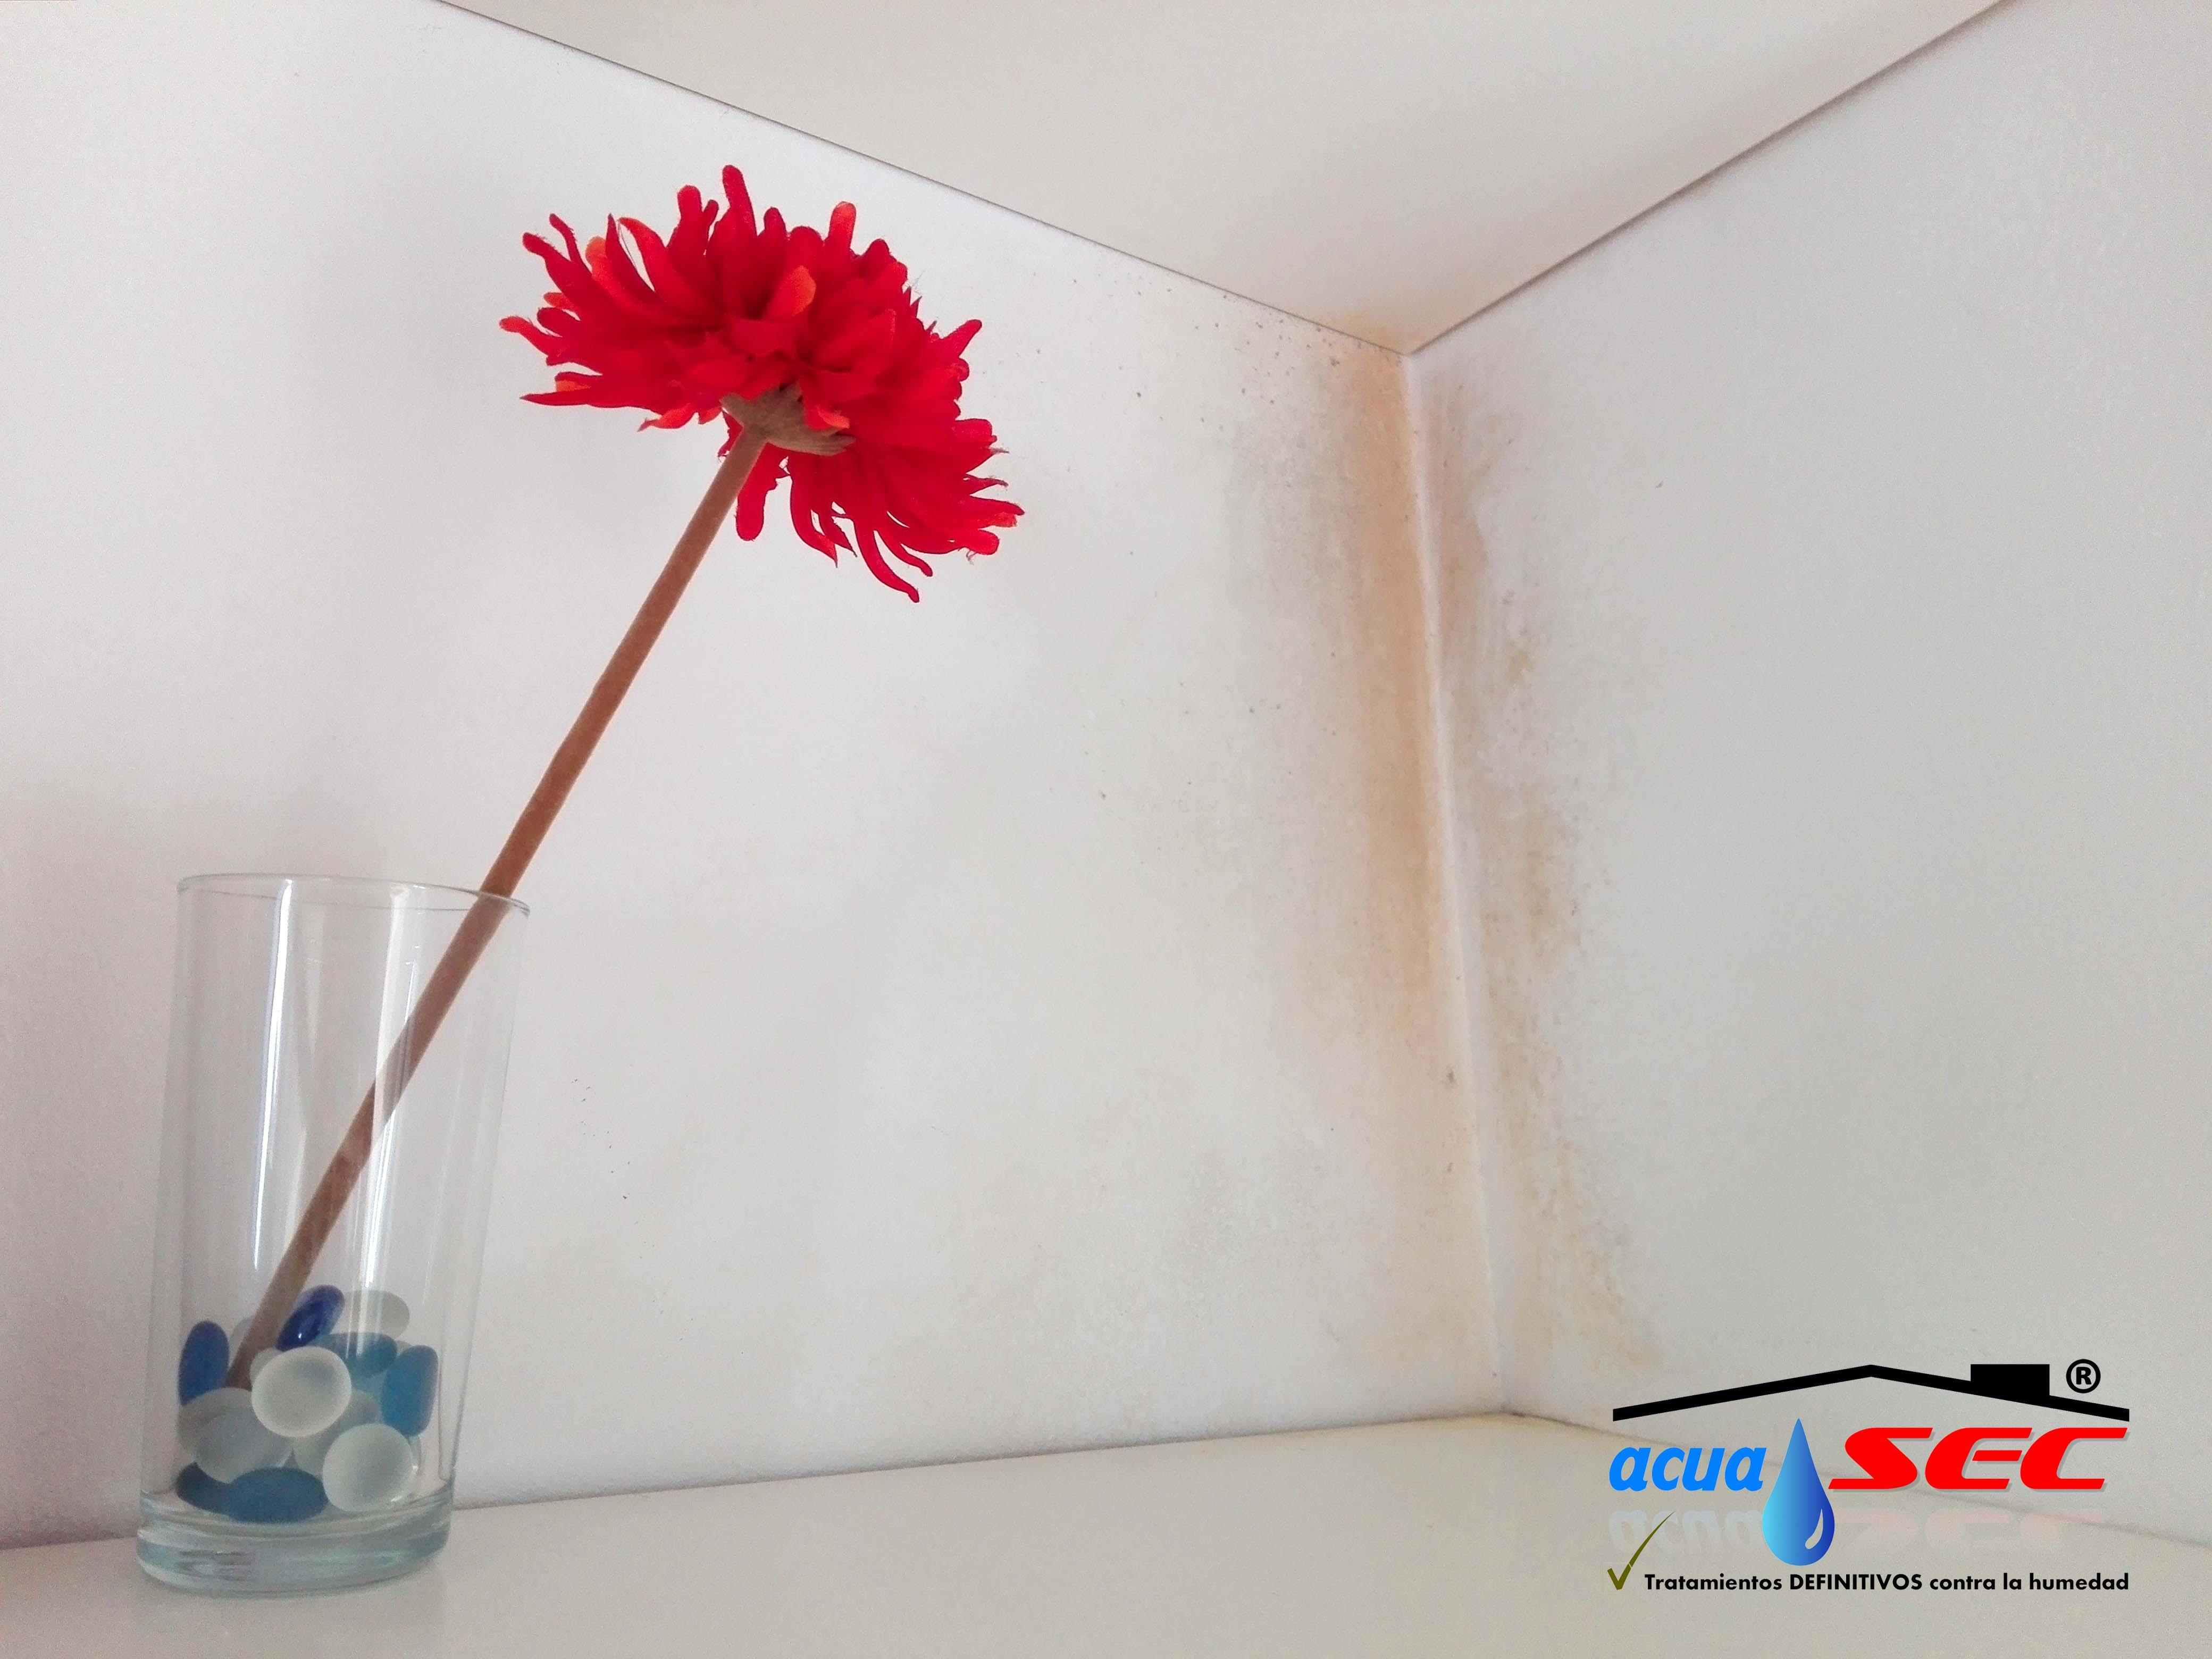 Aparatos para quitar la humedad aparatos para quitar la humedad with aparatos para quitar la - Quitar humedad pared ...